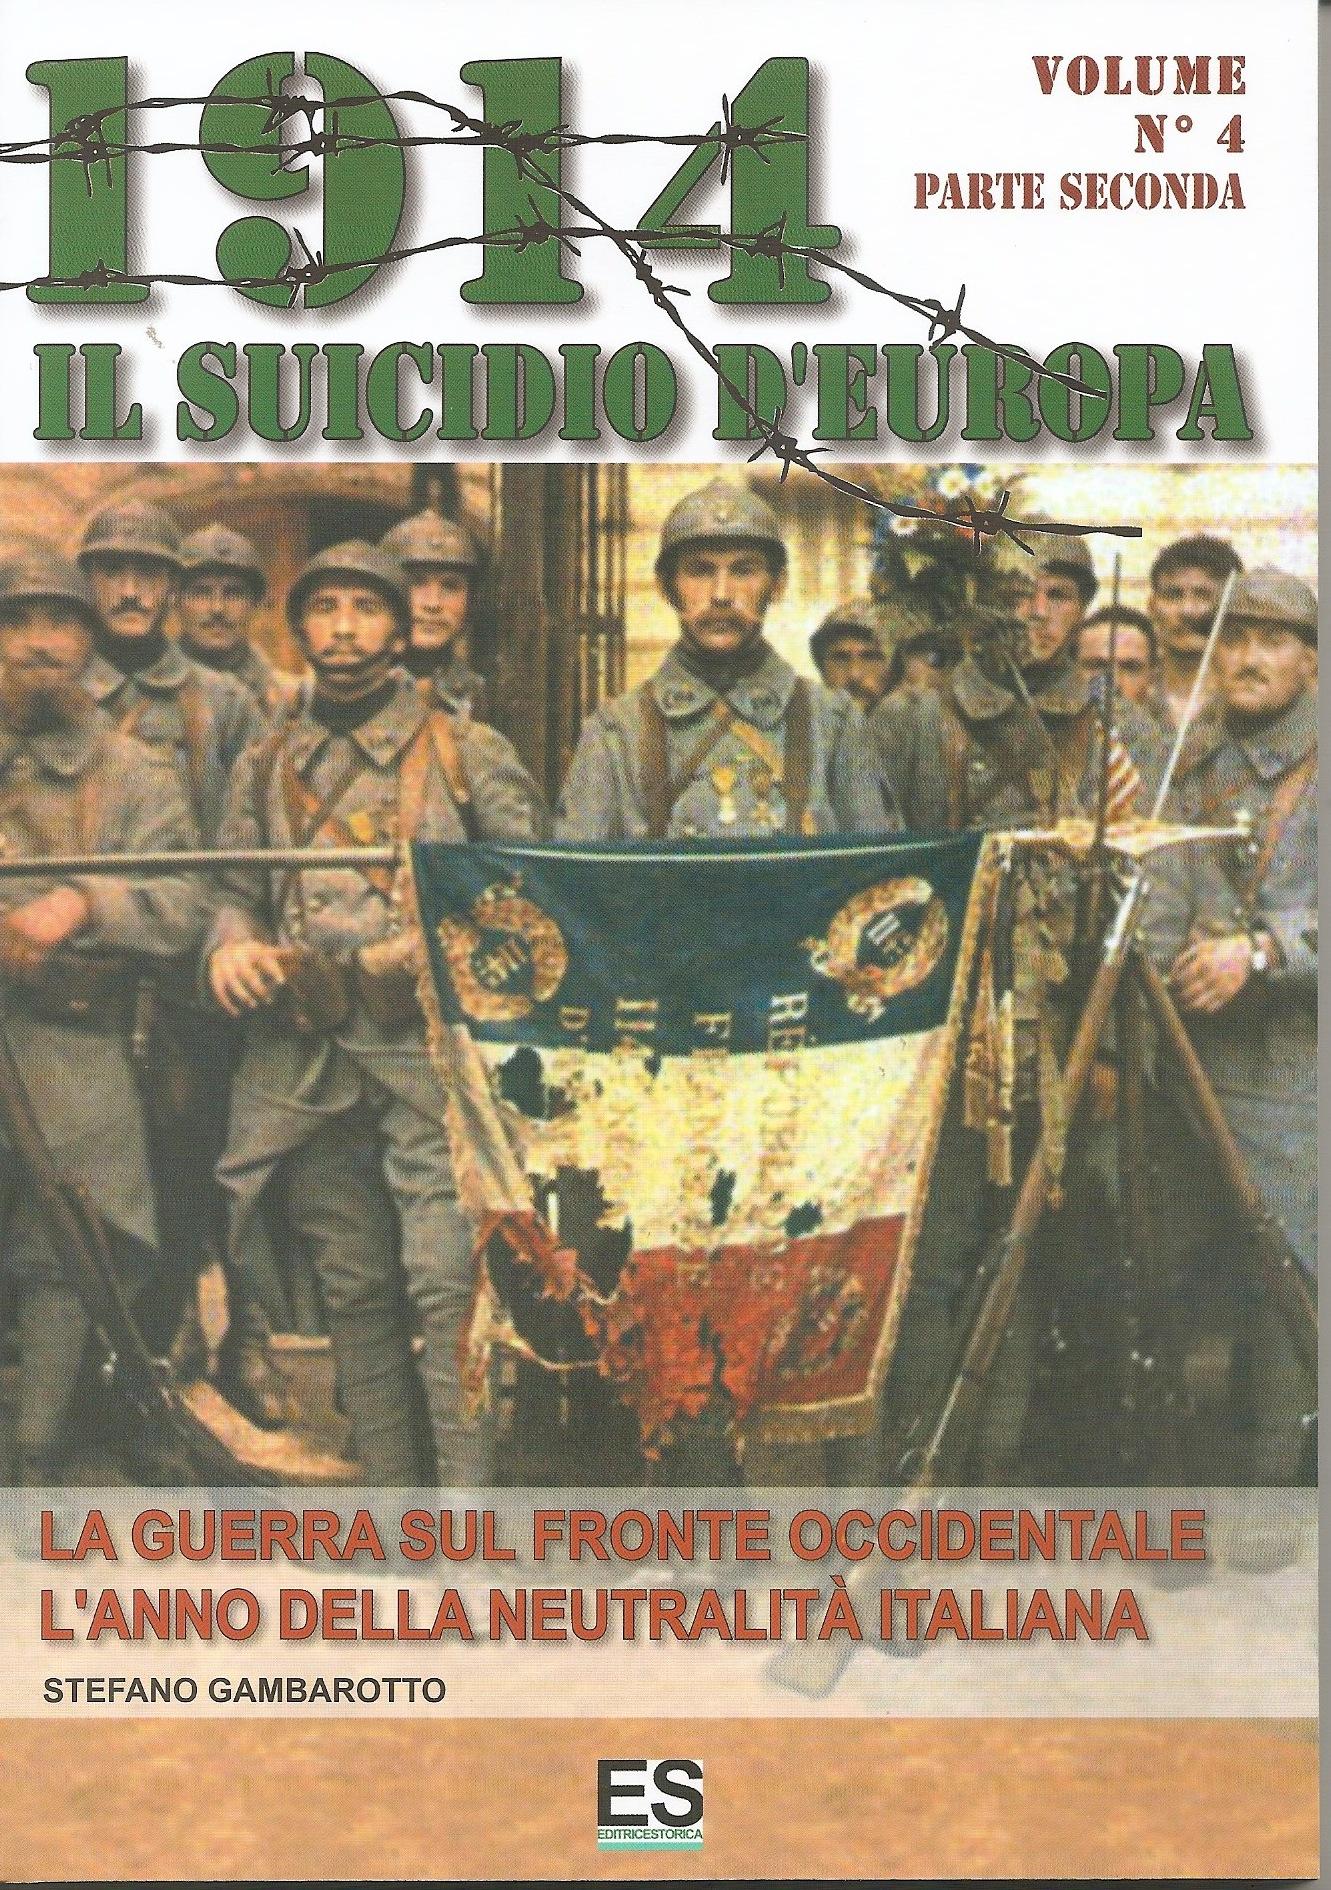 1914 Il suicidio d'Europa - Volume 4 - Parte Seconda